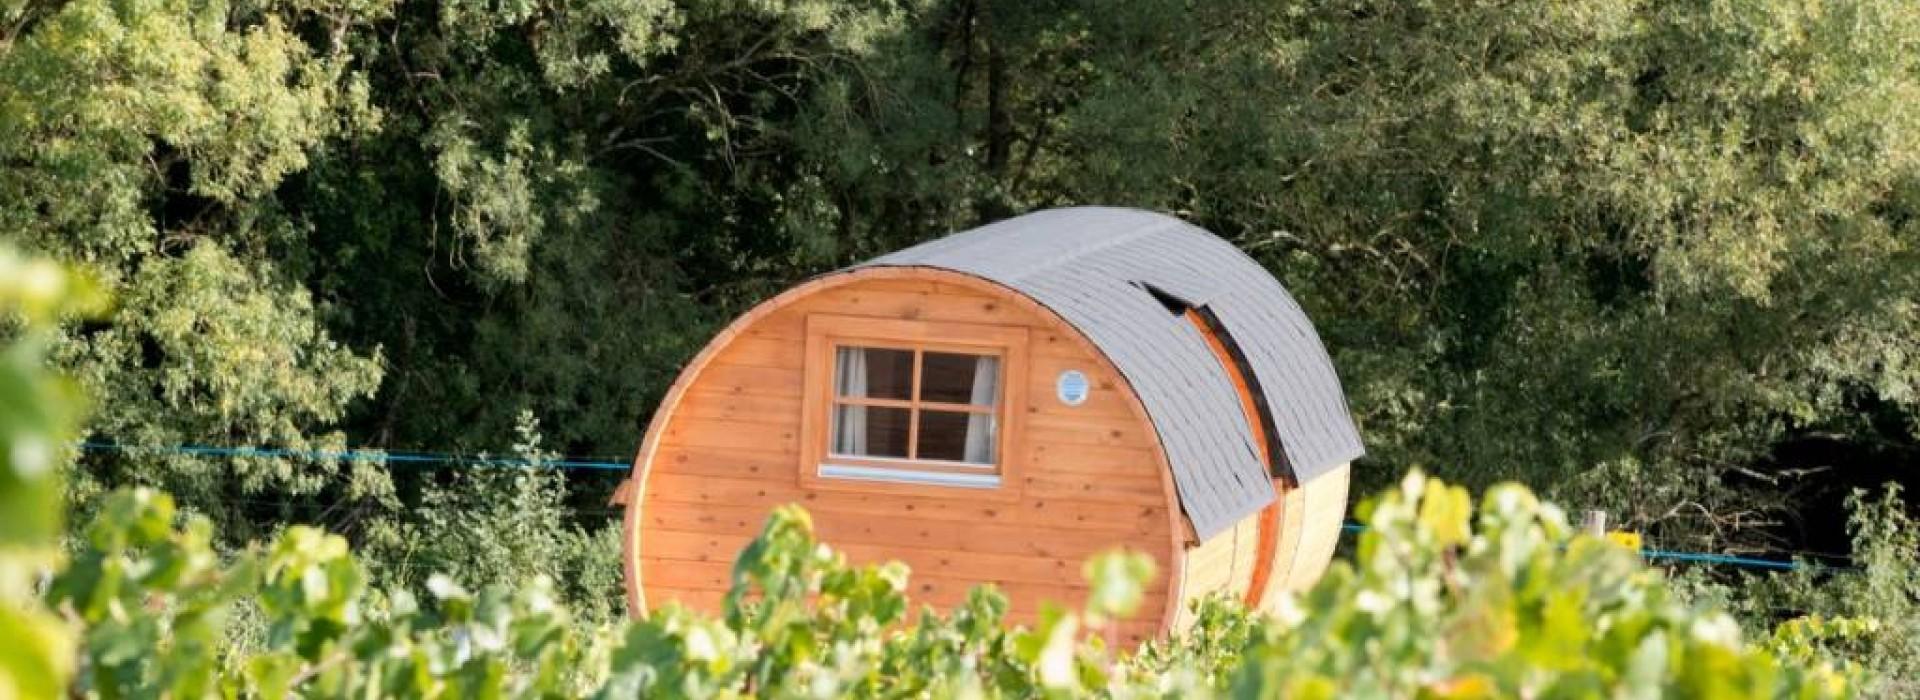 La Valise Rouge Les Herbiers nuit en tonneau au vignoble marchais: unusual accommodation